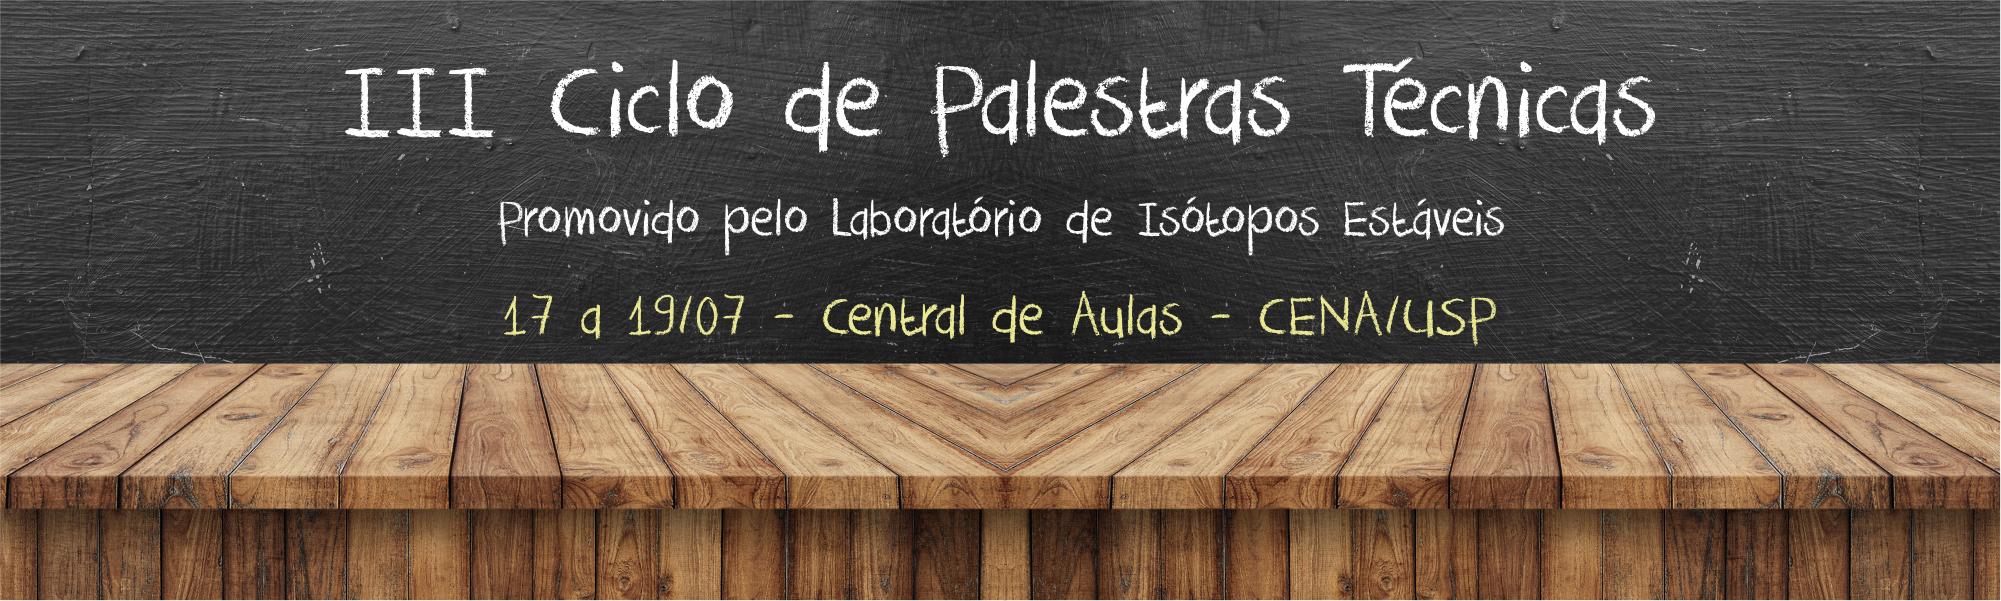 palestras_tecnicas